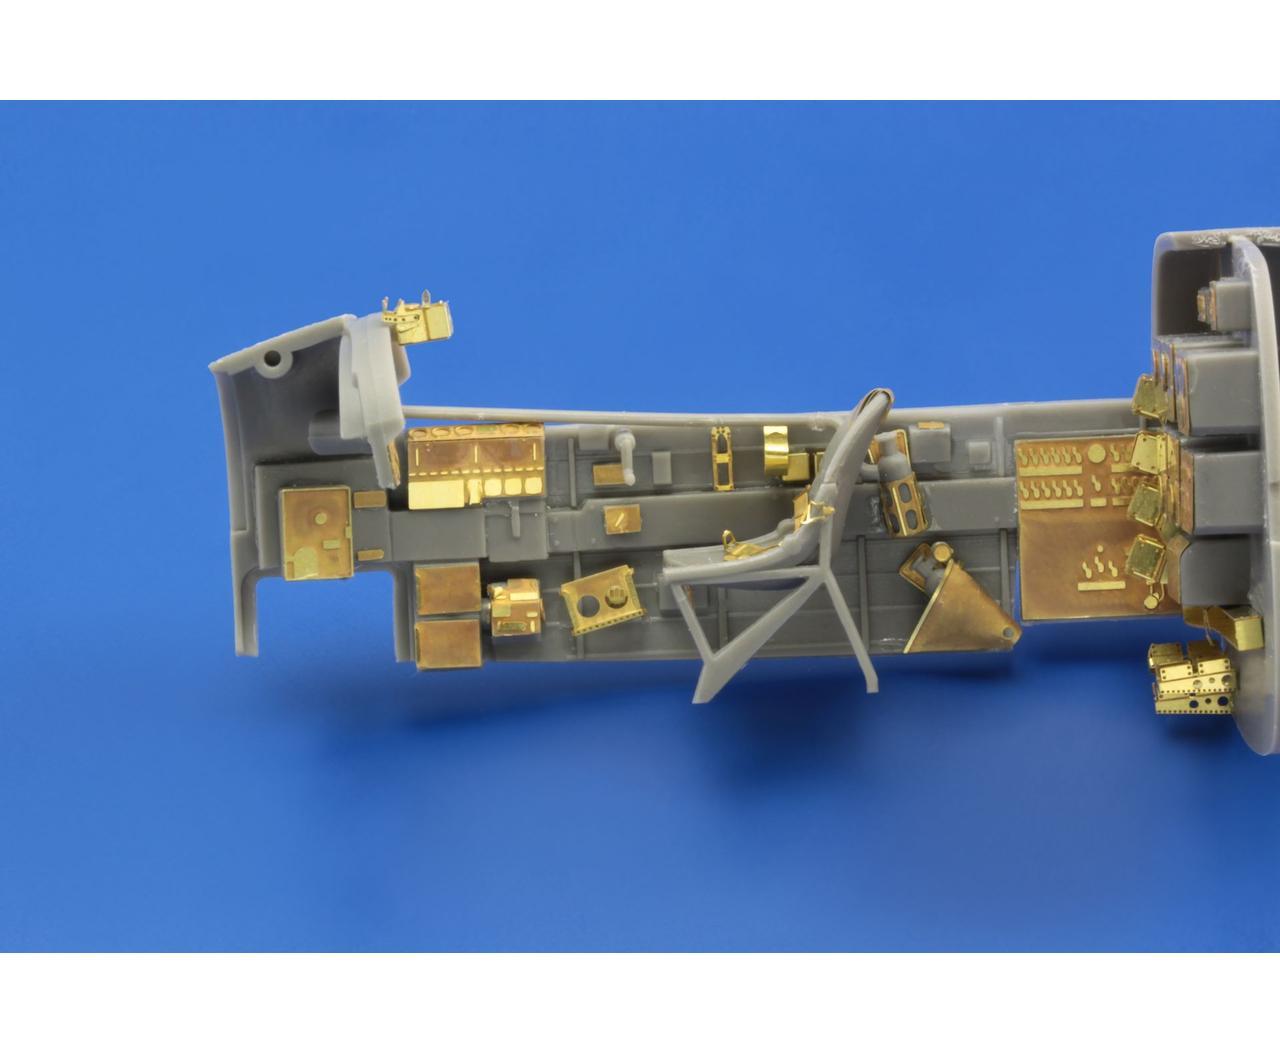 Eduard Accessories Big49159-1:48 Ju 88A-4 For Icm Neu Detailsets